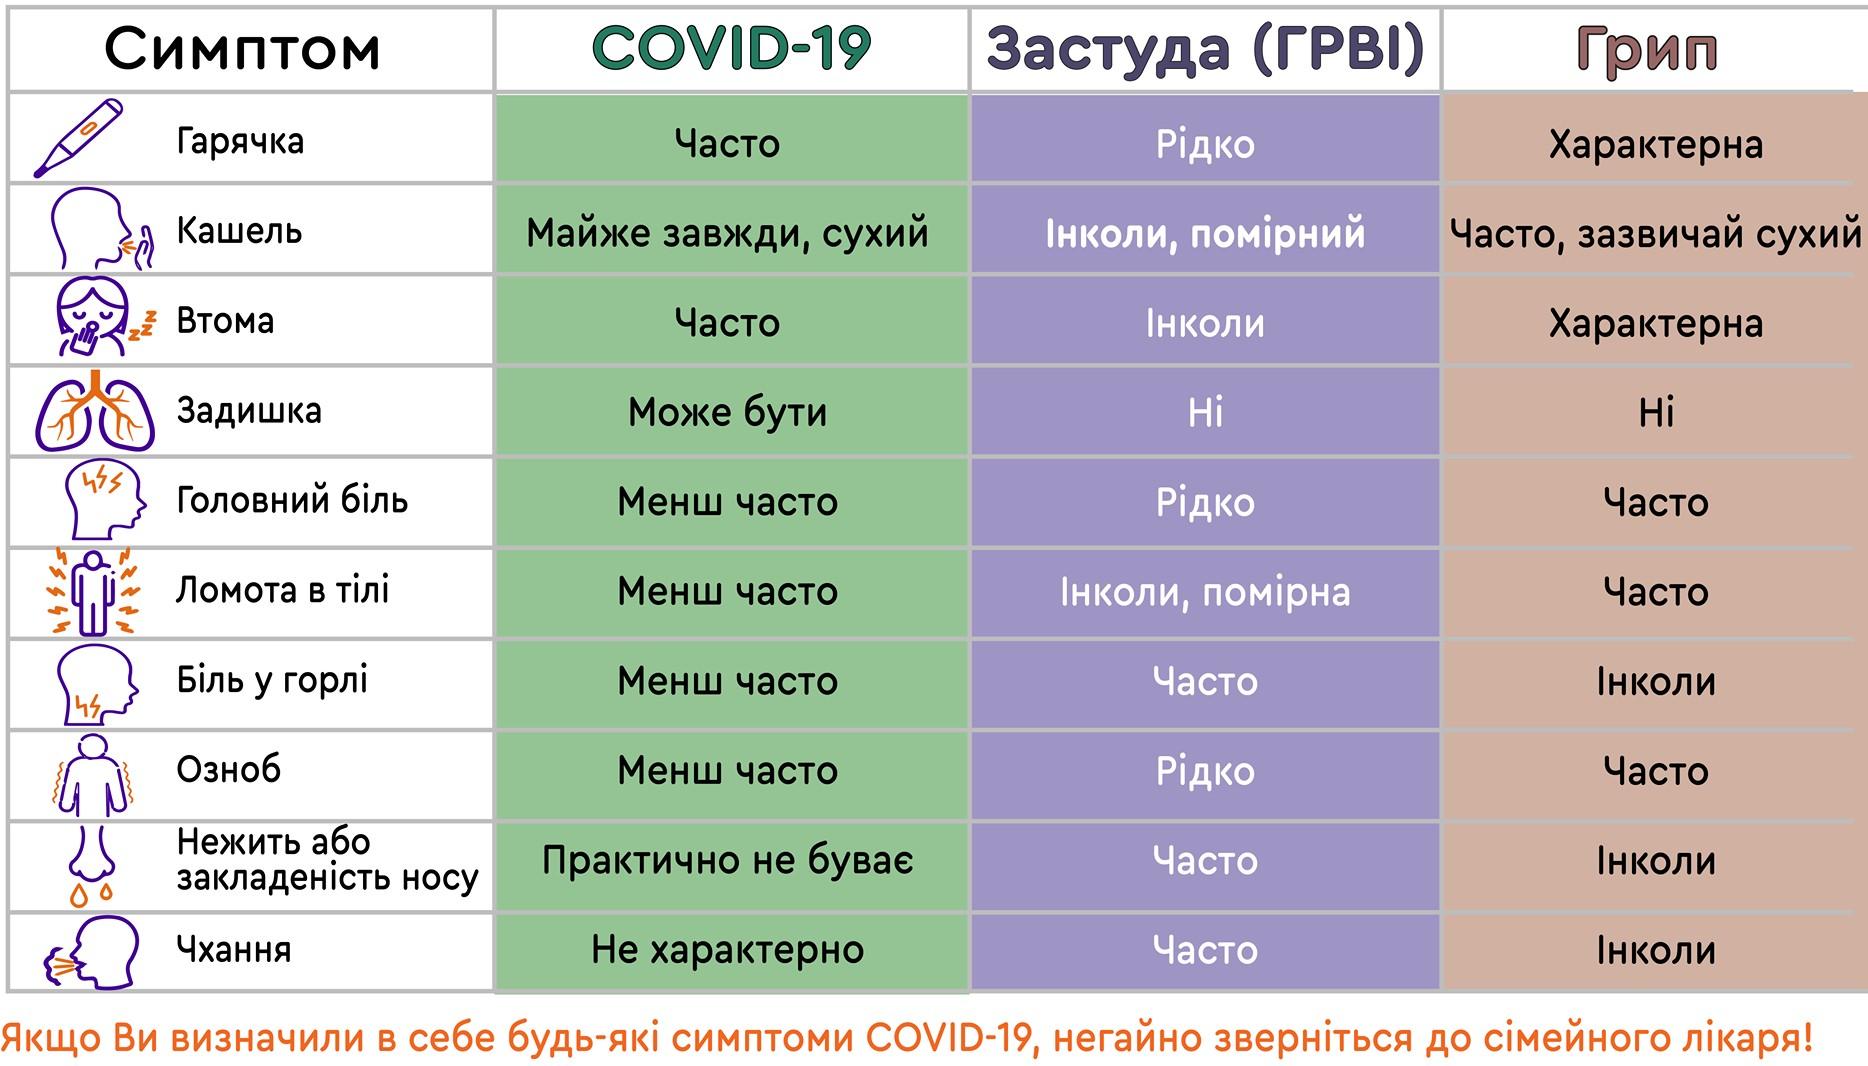 Пацієнти з легкою формою коронавірусу лікуватимуться вдома в самоізоляції, - головний санлікар Ляшко - Цензор.НЕТ 3206